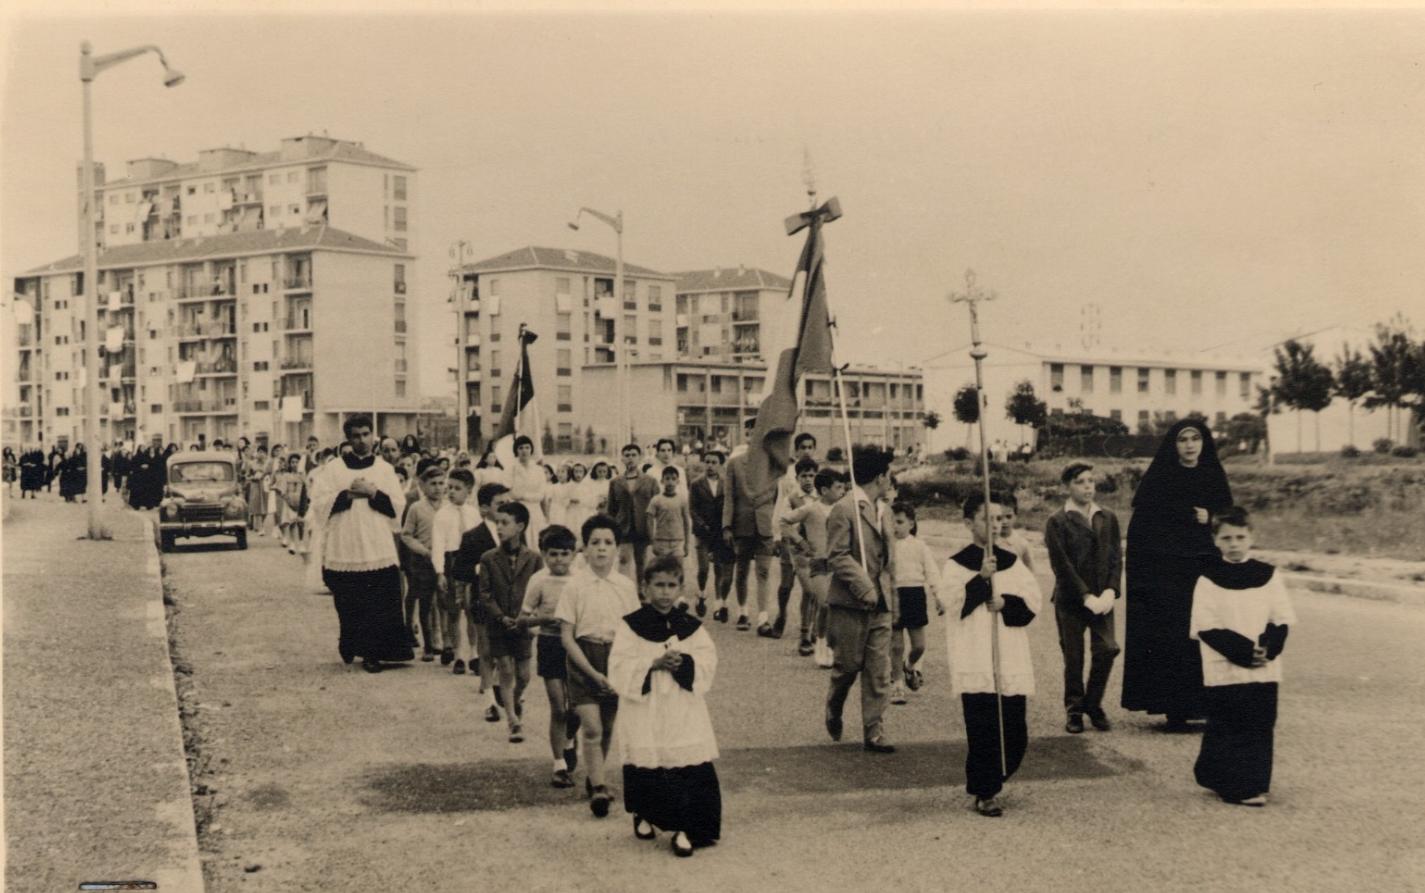 Milano 1957 Crescenzago (Parco Lambro). Via Orbetello durante una processione religiosa. (fonte doncalabria.net)